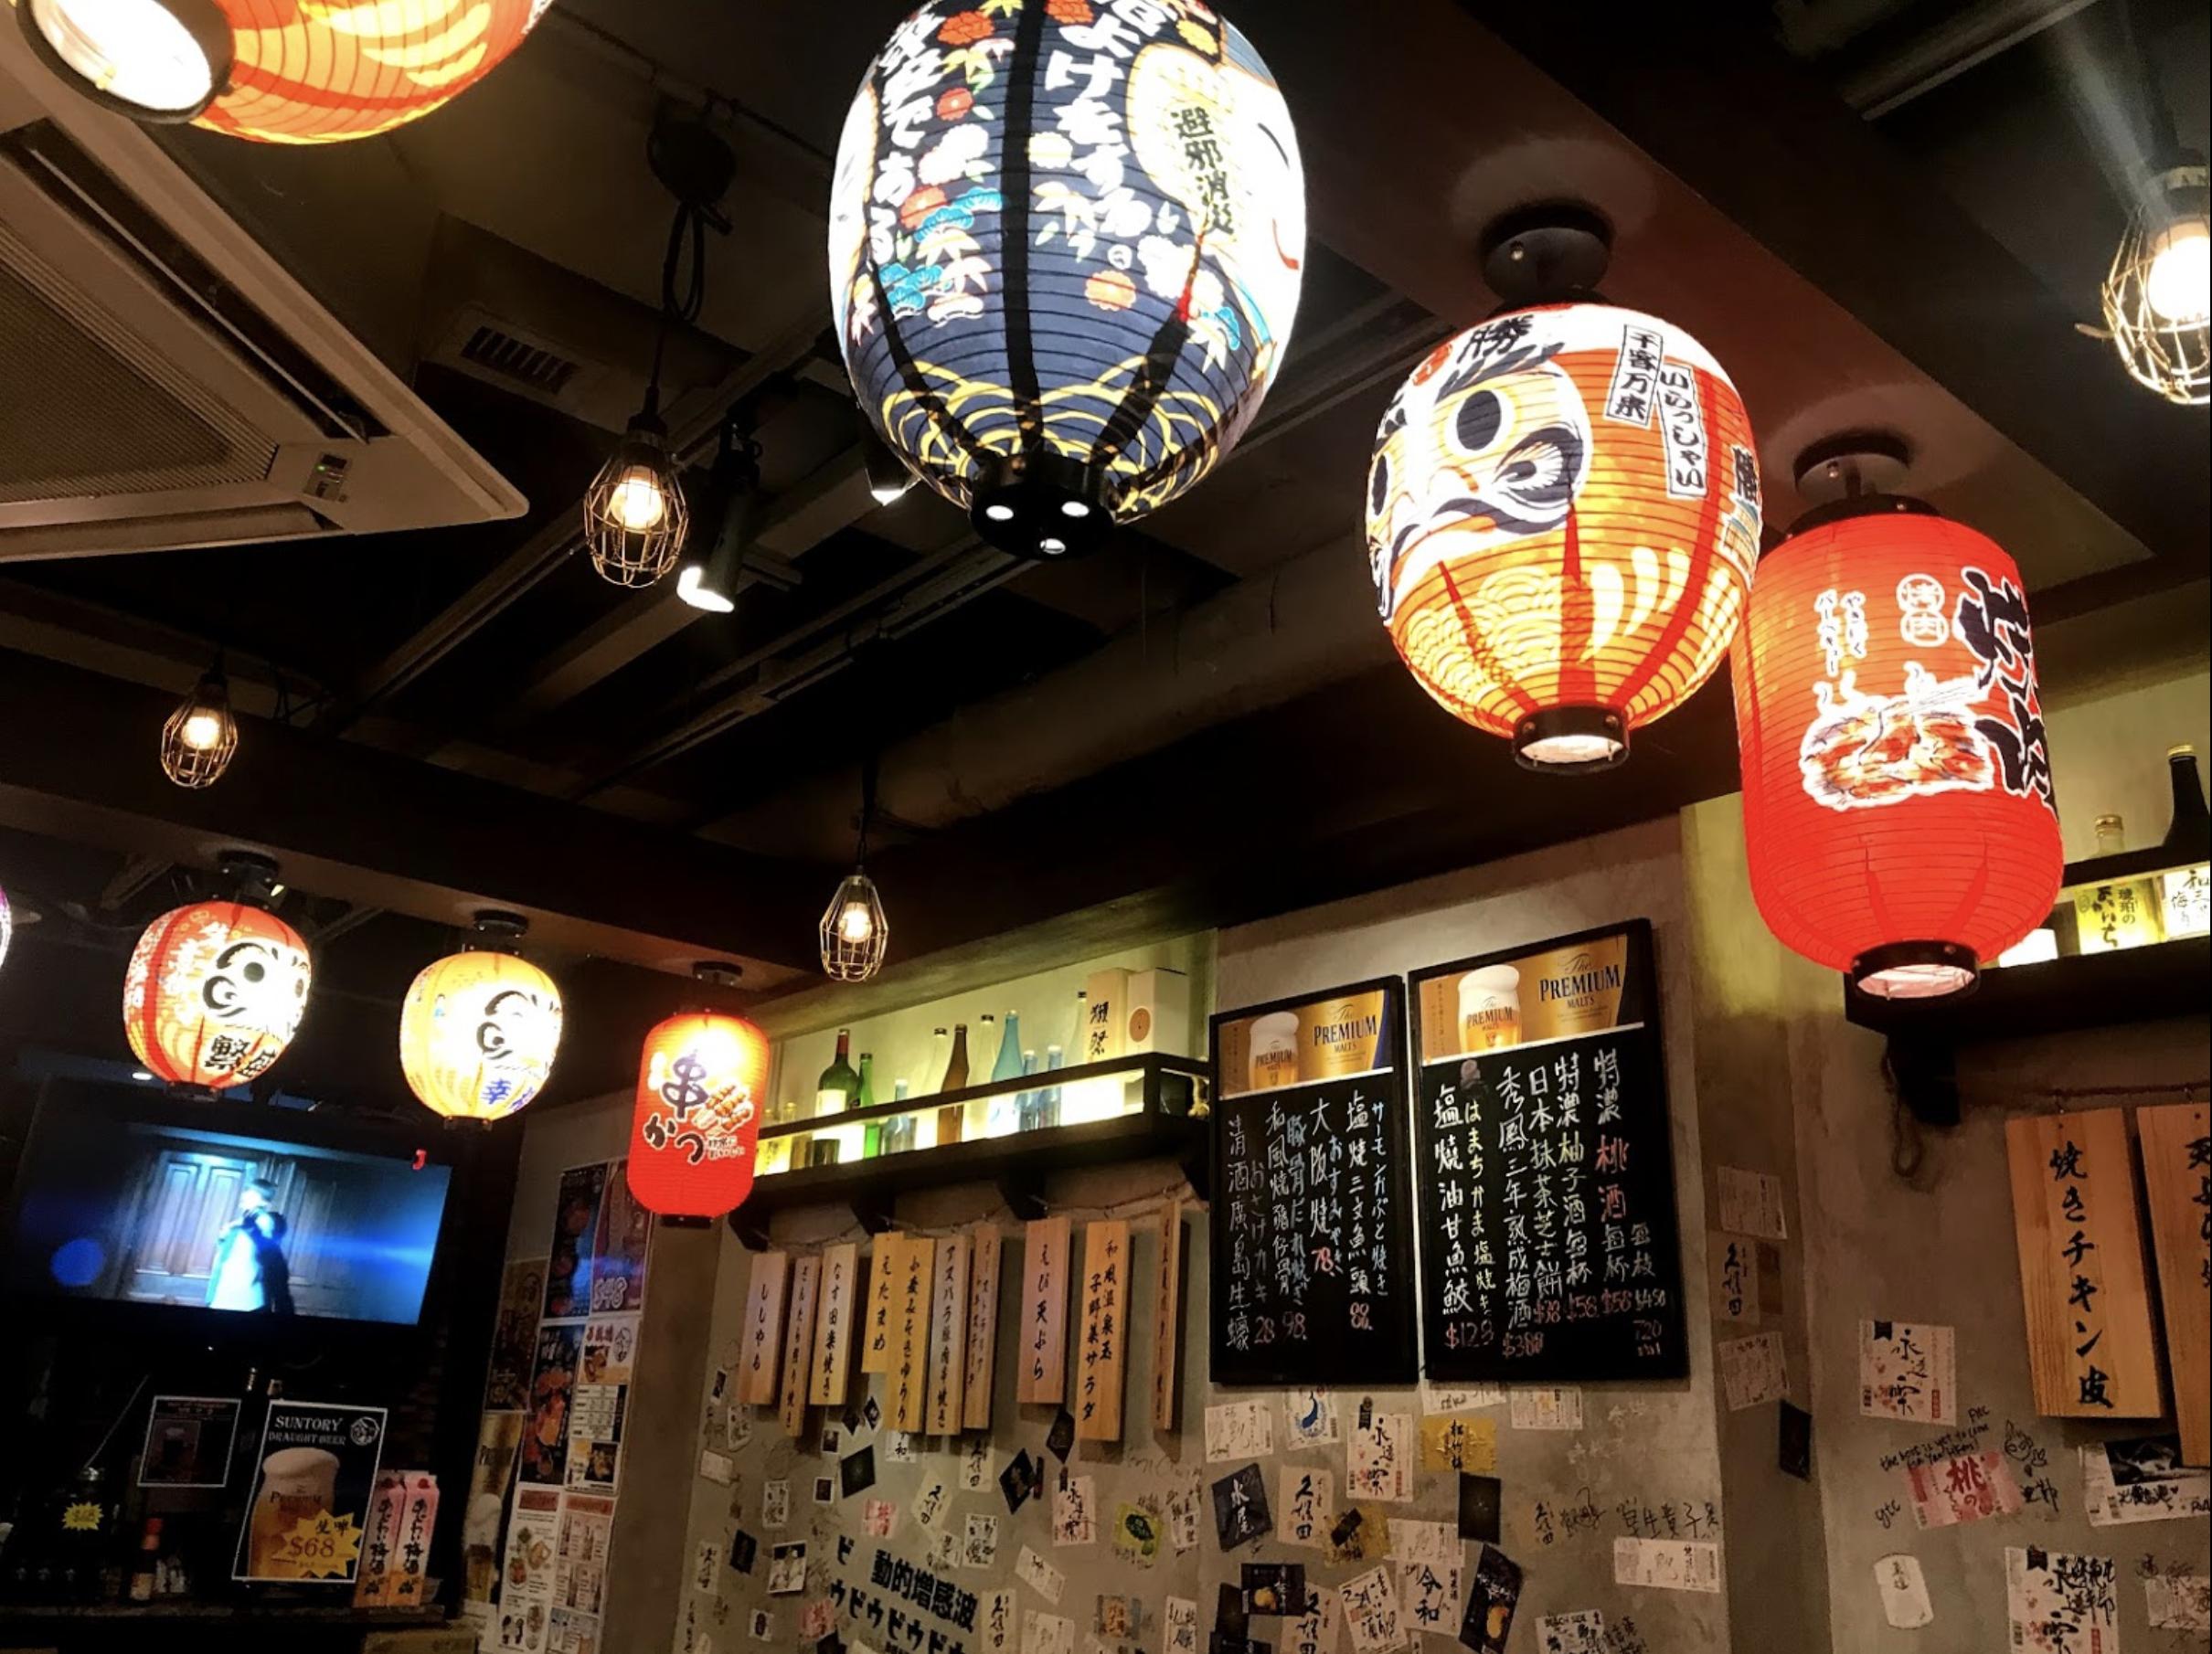 旺角燒肉/令和居酒屋/店鋪裝修好有日本居酒屋既風格,整體都好有氣氛。